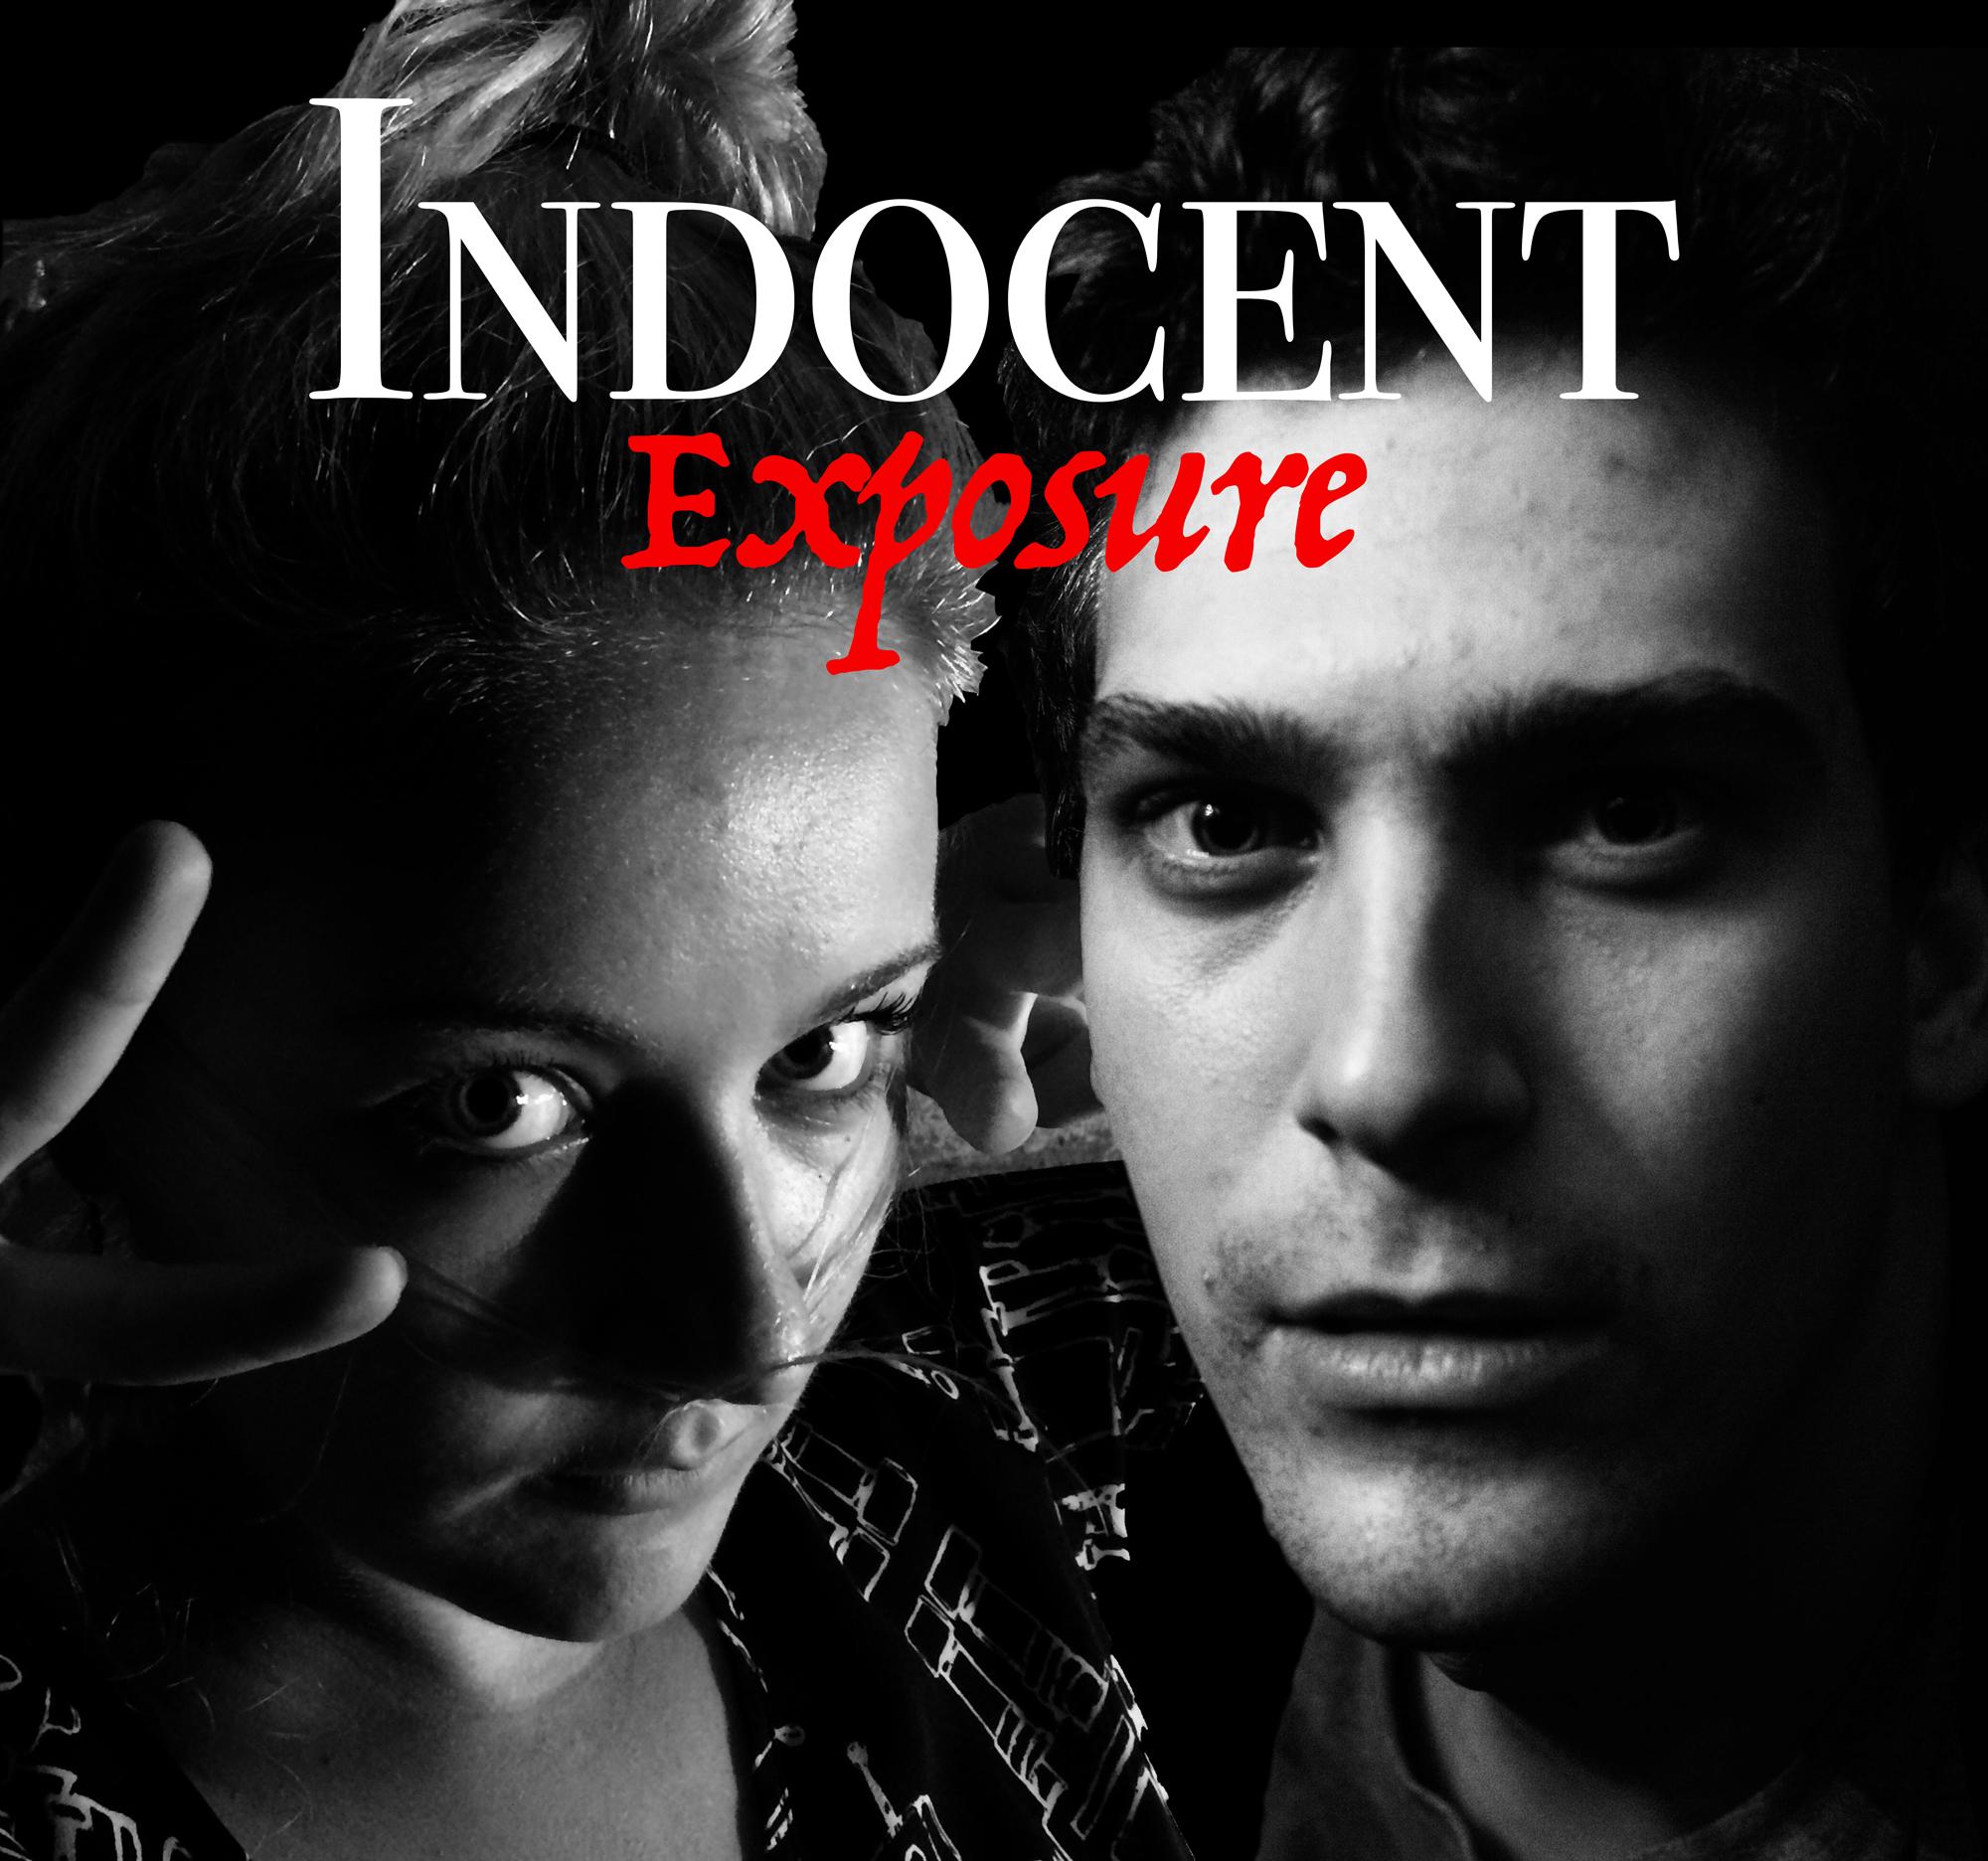 Indocent Exposure